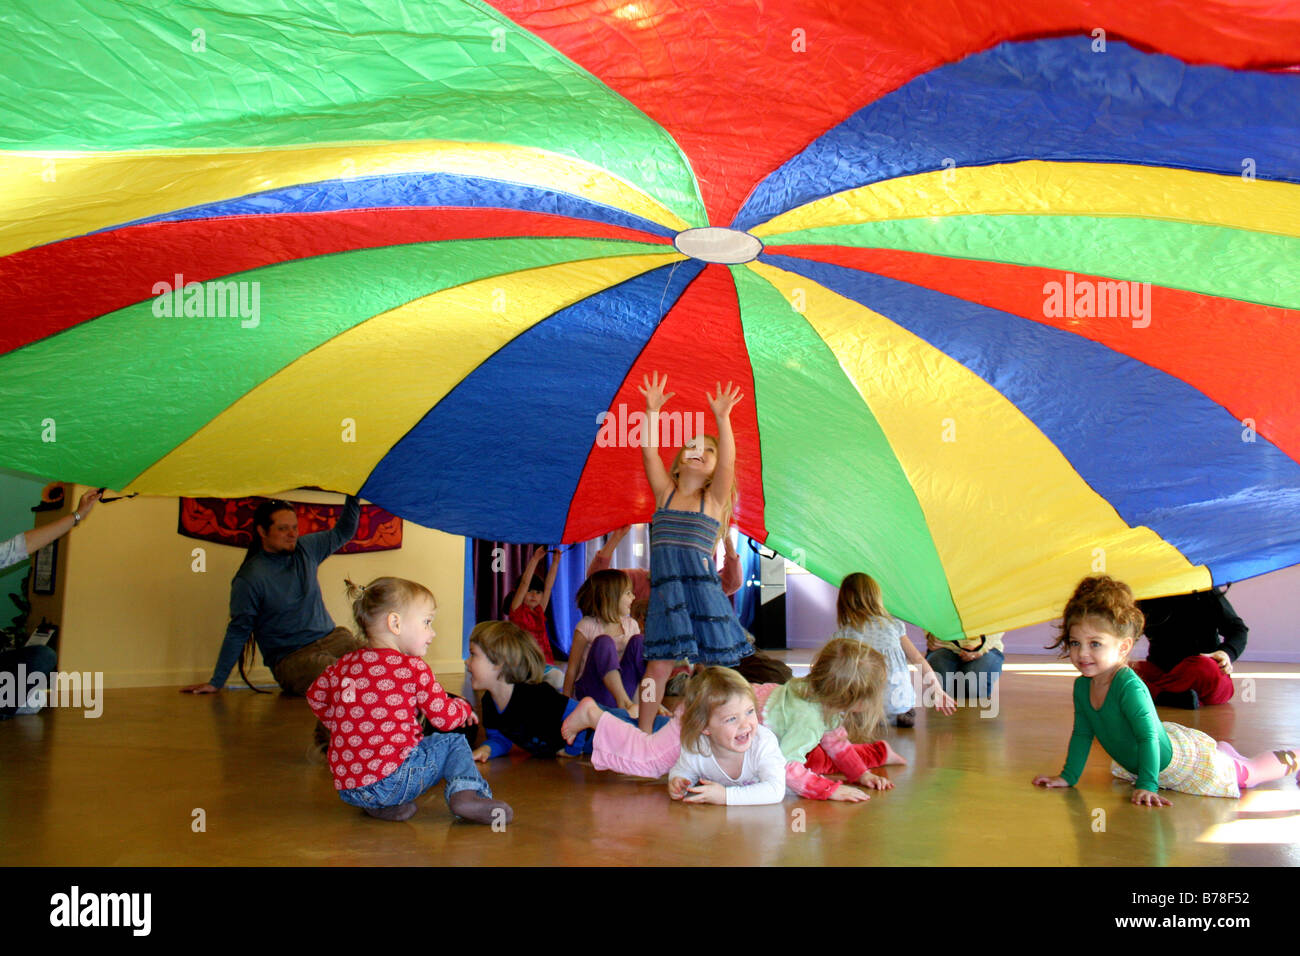 Rilasciati i bambini giocando sotto innalzate paracadute colorato in gruppo di gioco California Immagini Stock